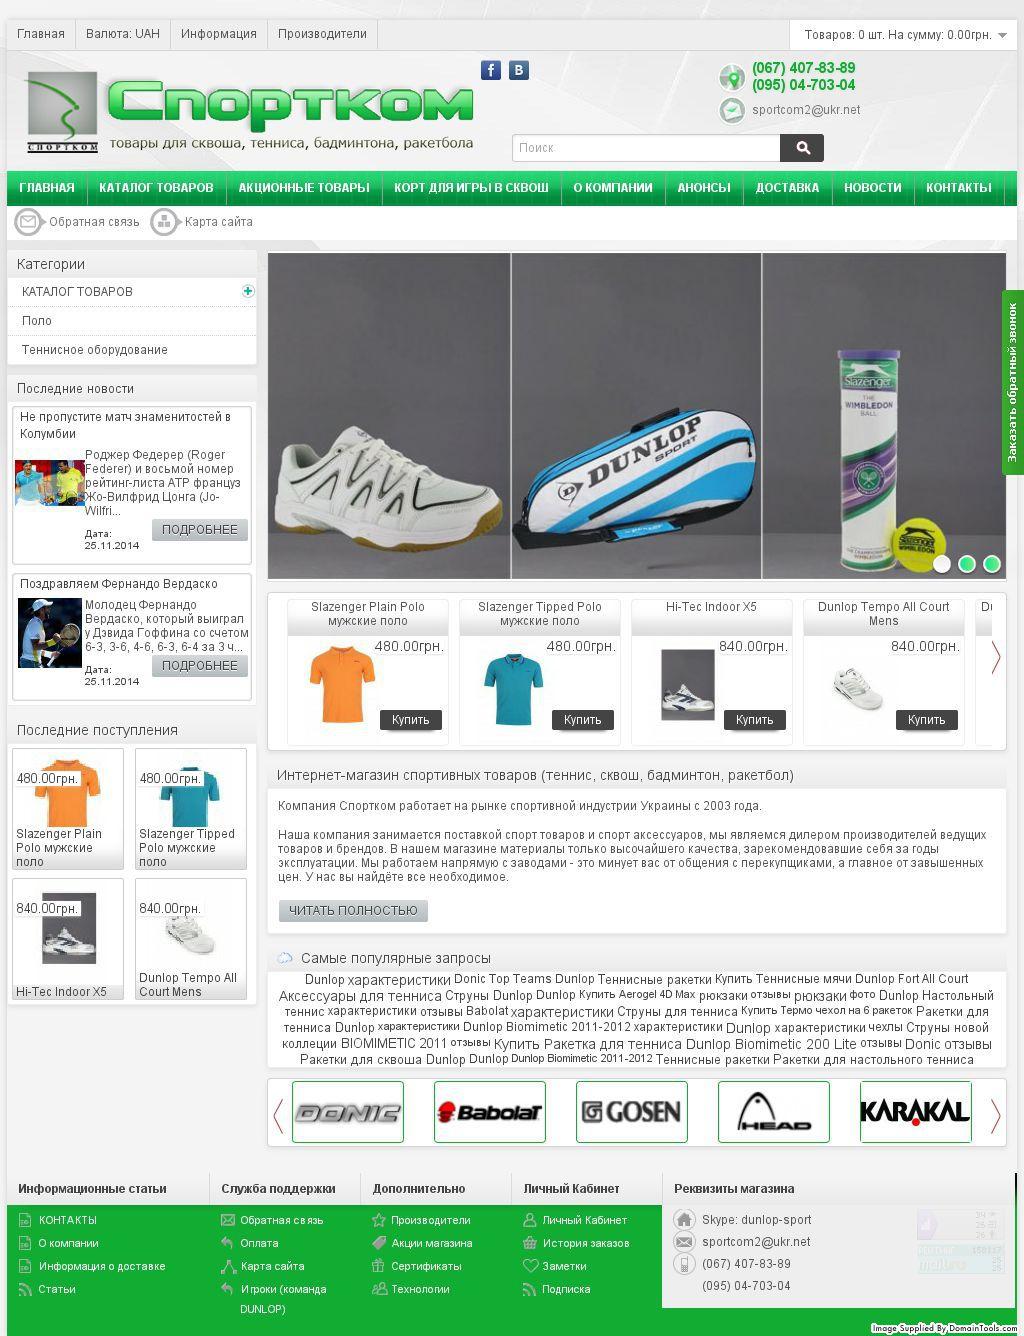 228 Магазин по продаже товаров для тенниса, сквоша, бадминтона, настольного тенниса